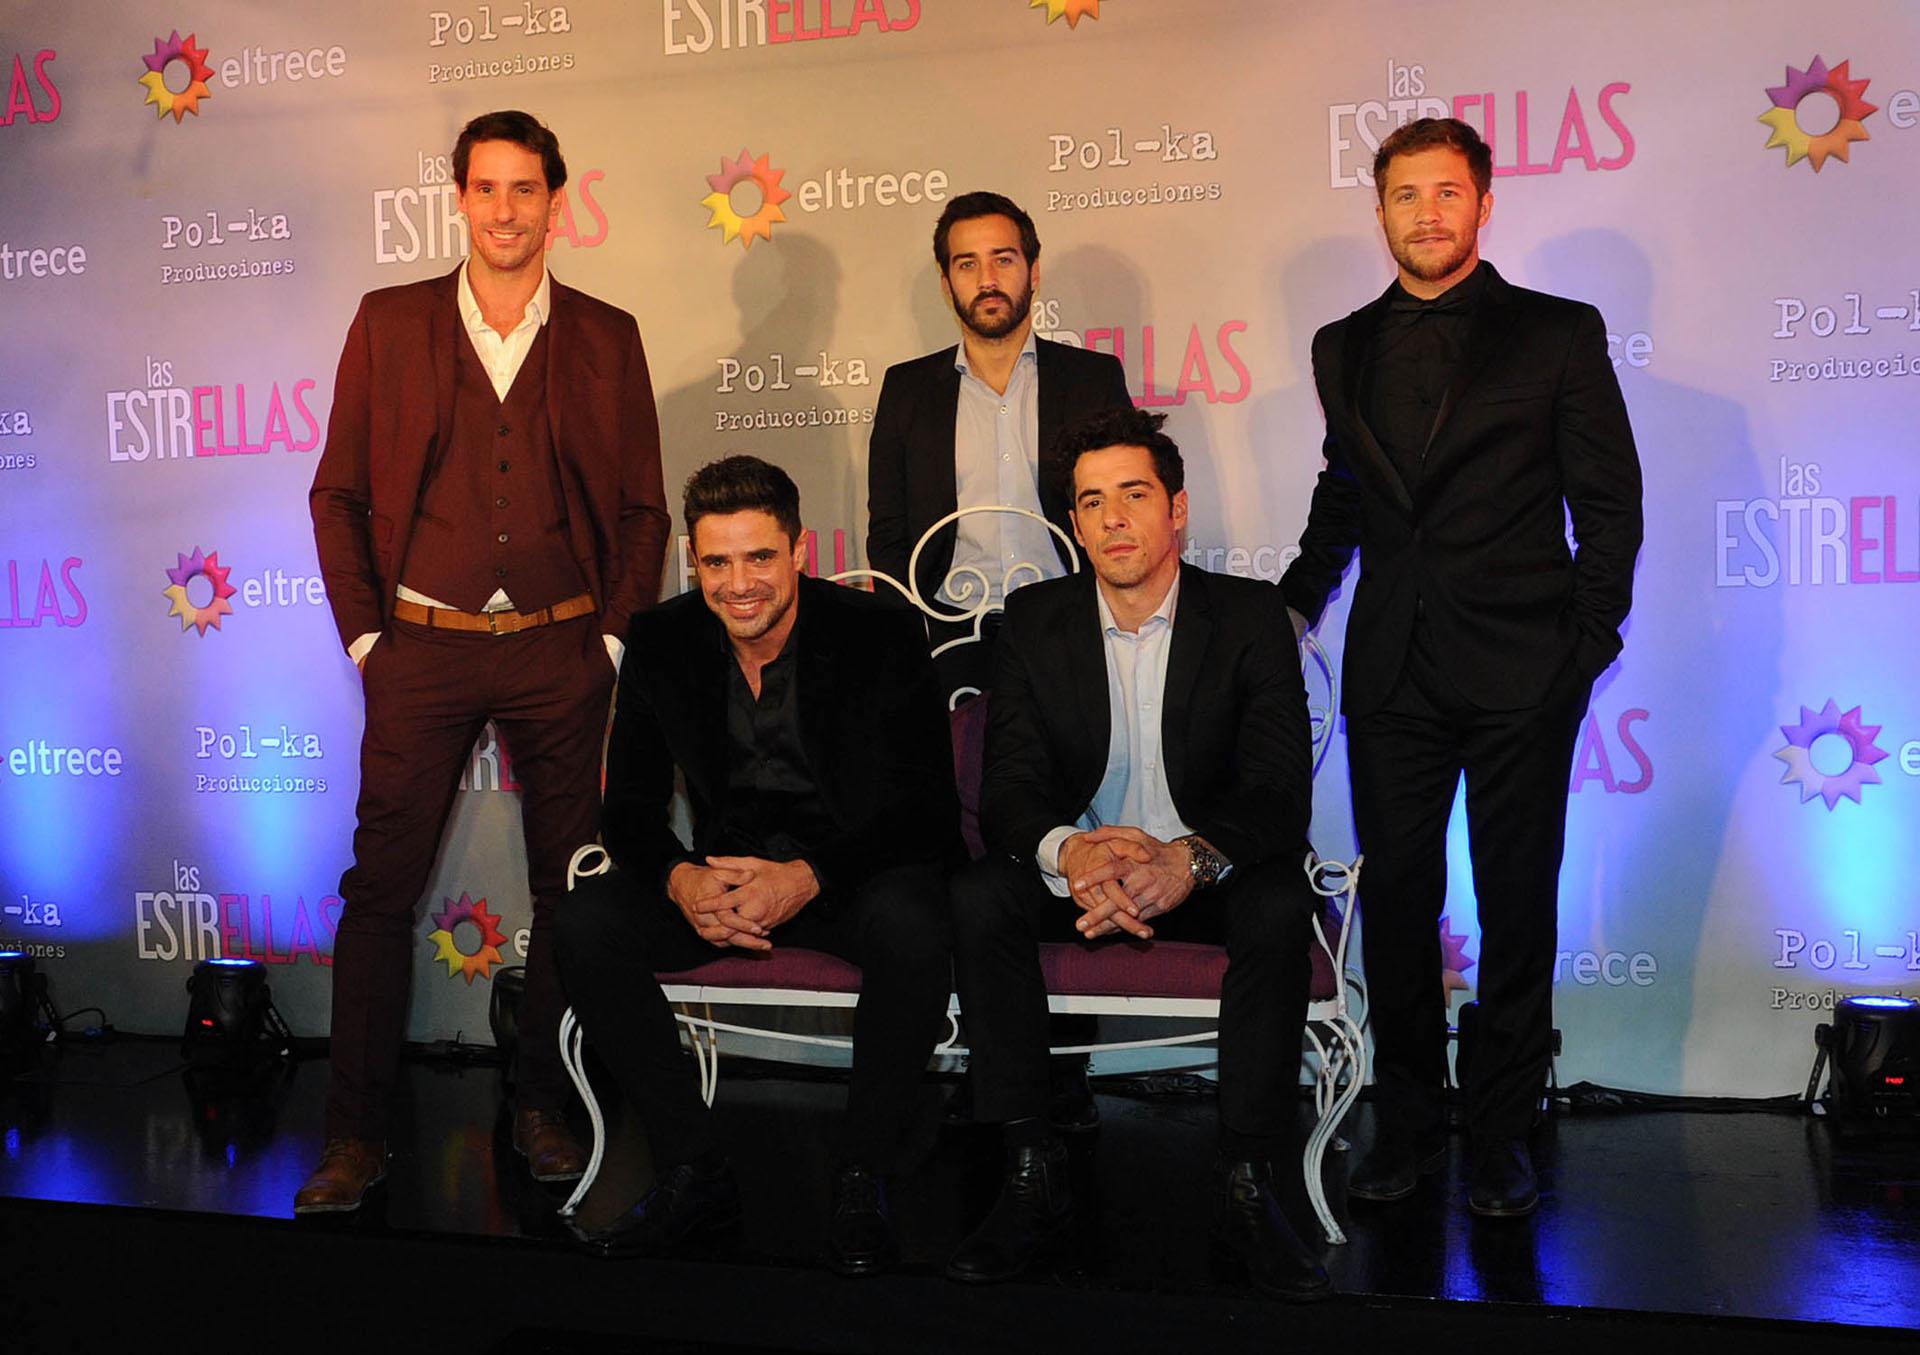 Gonzalo Valenzuela, Nicolás Francella, Luciano Castro, Esteban Lamothe y Nicolás Riera